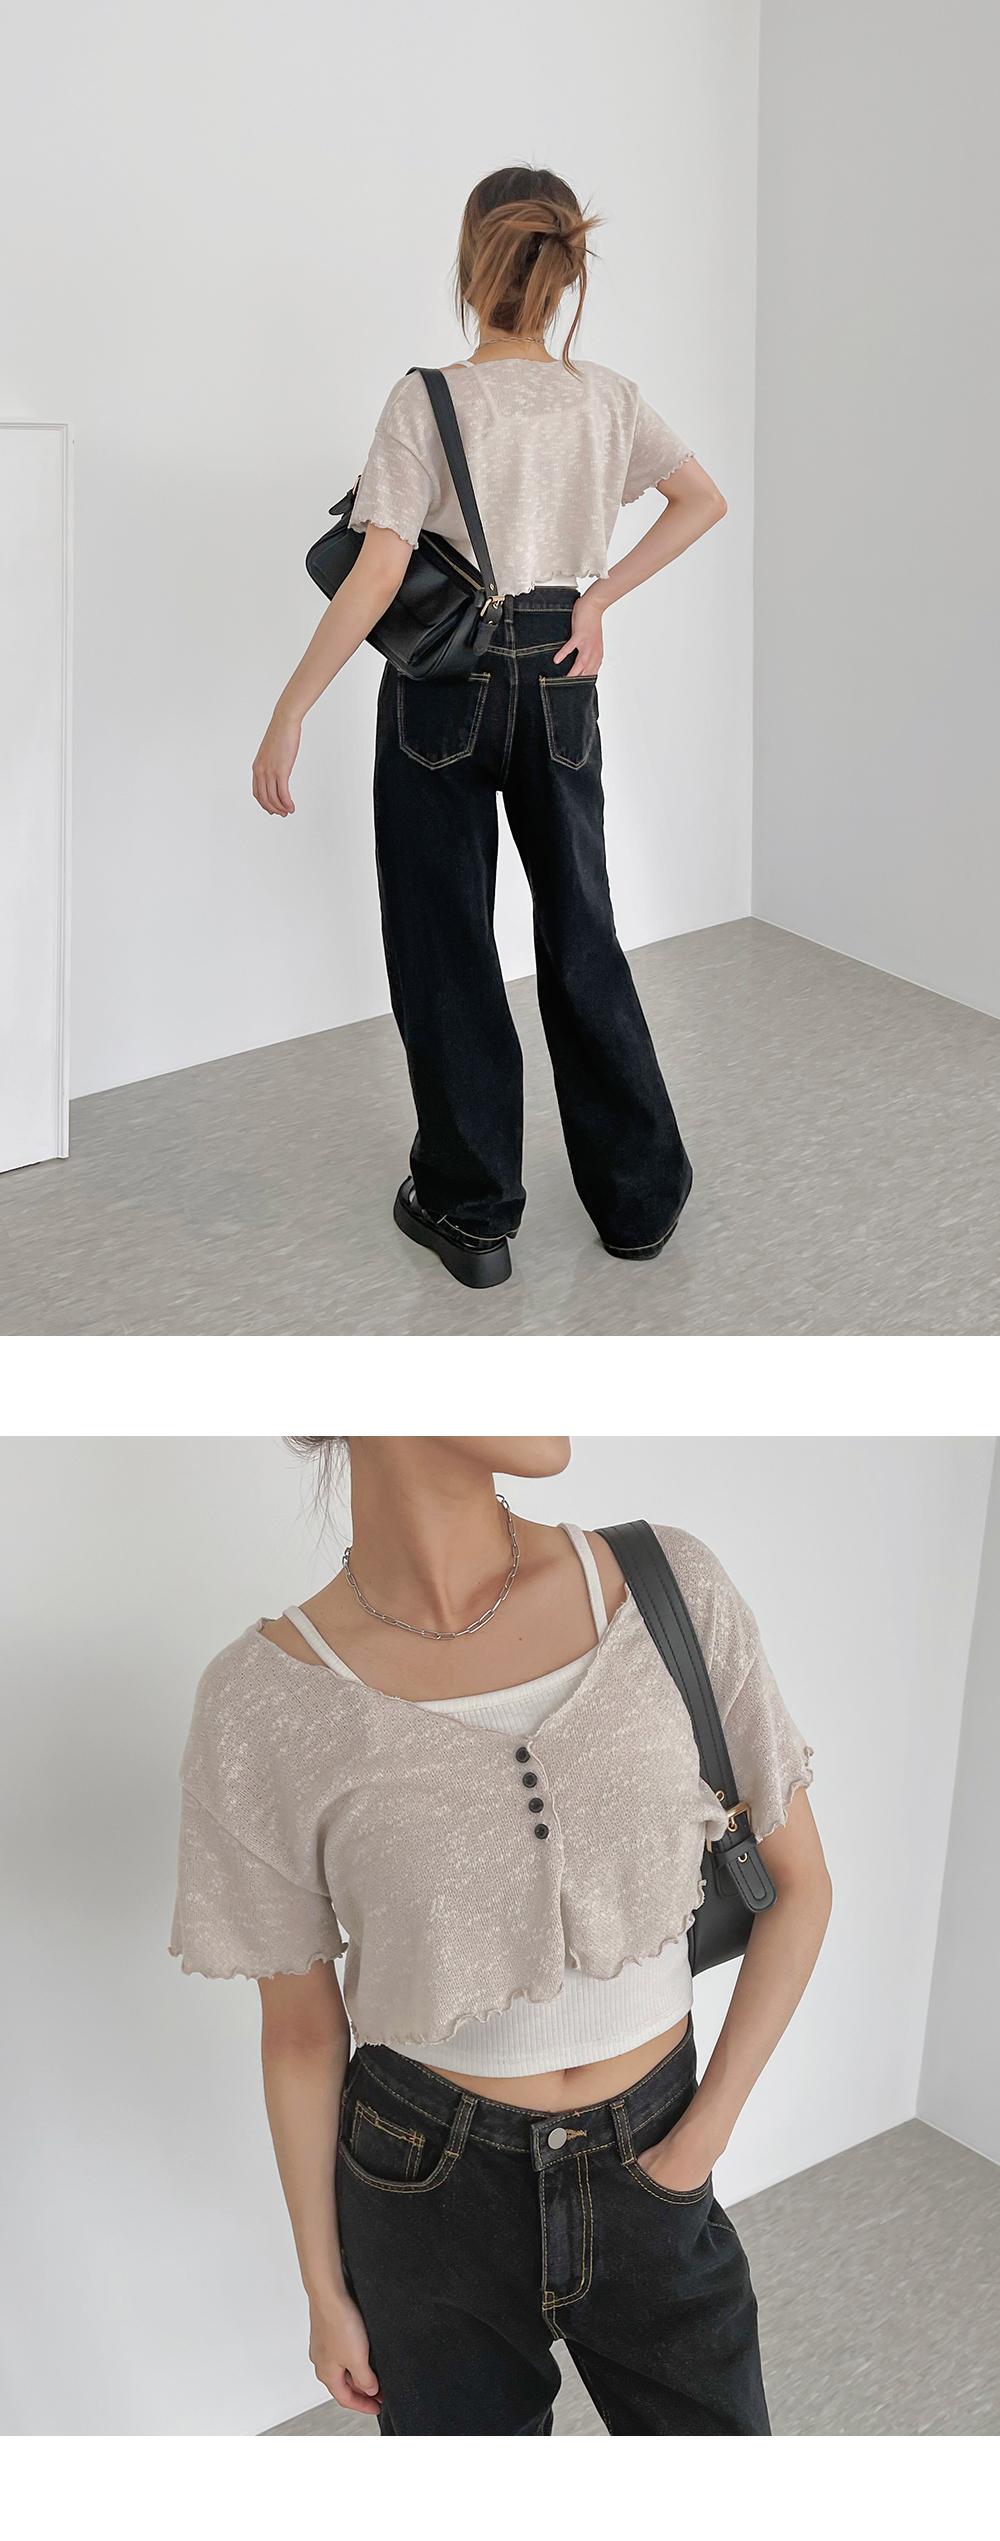 Kerui Knitwear Short Sleeve Cropped Cardigan